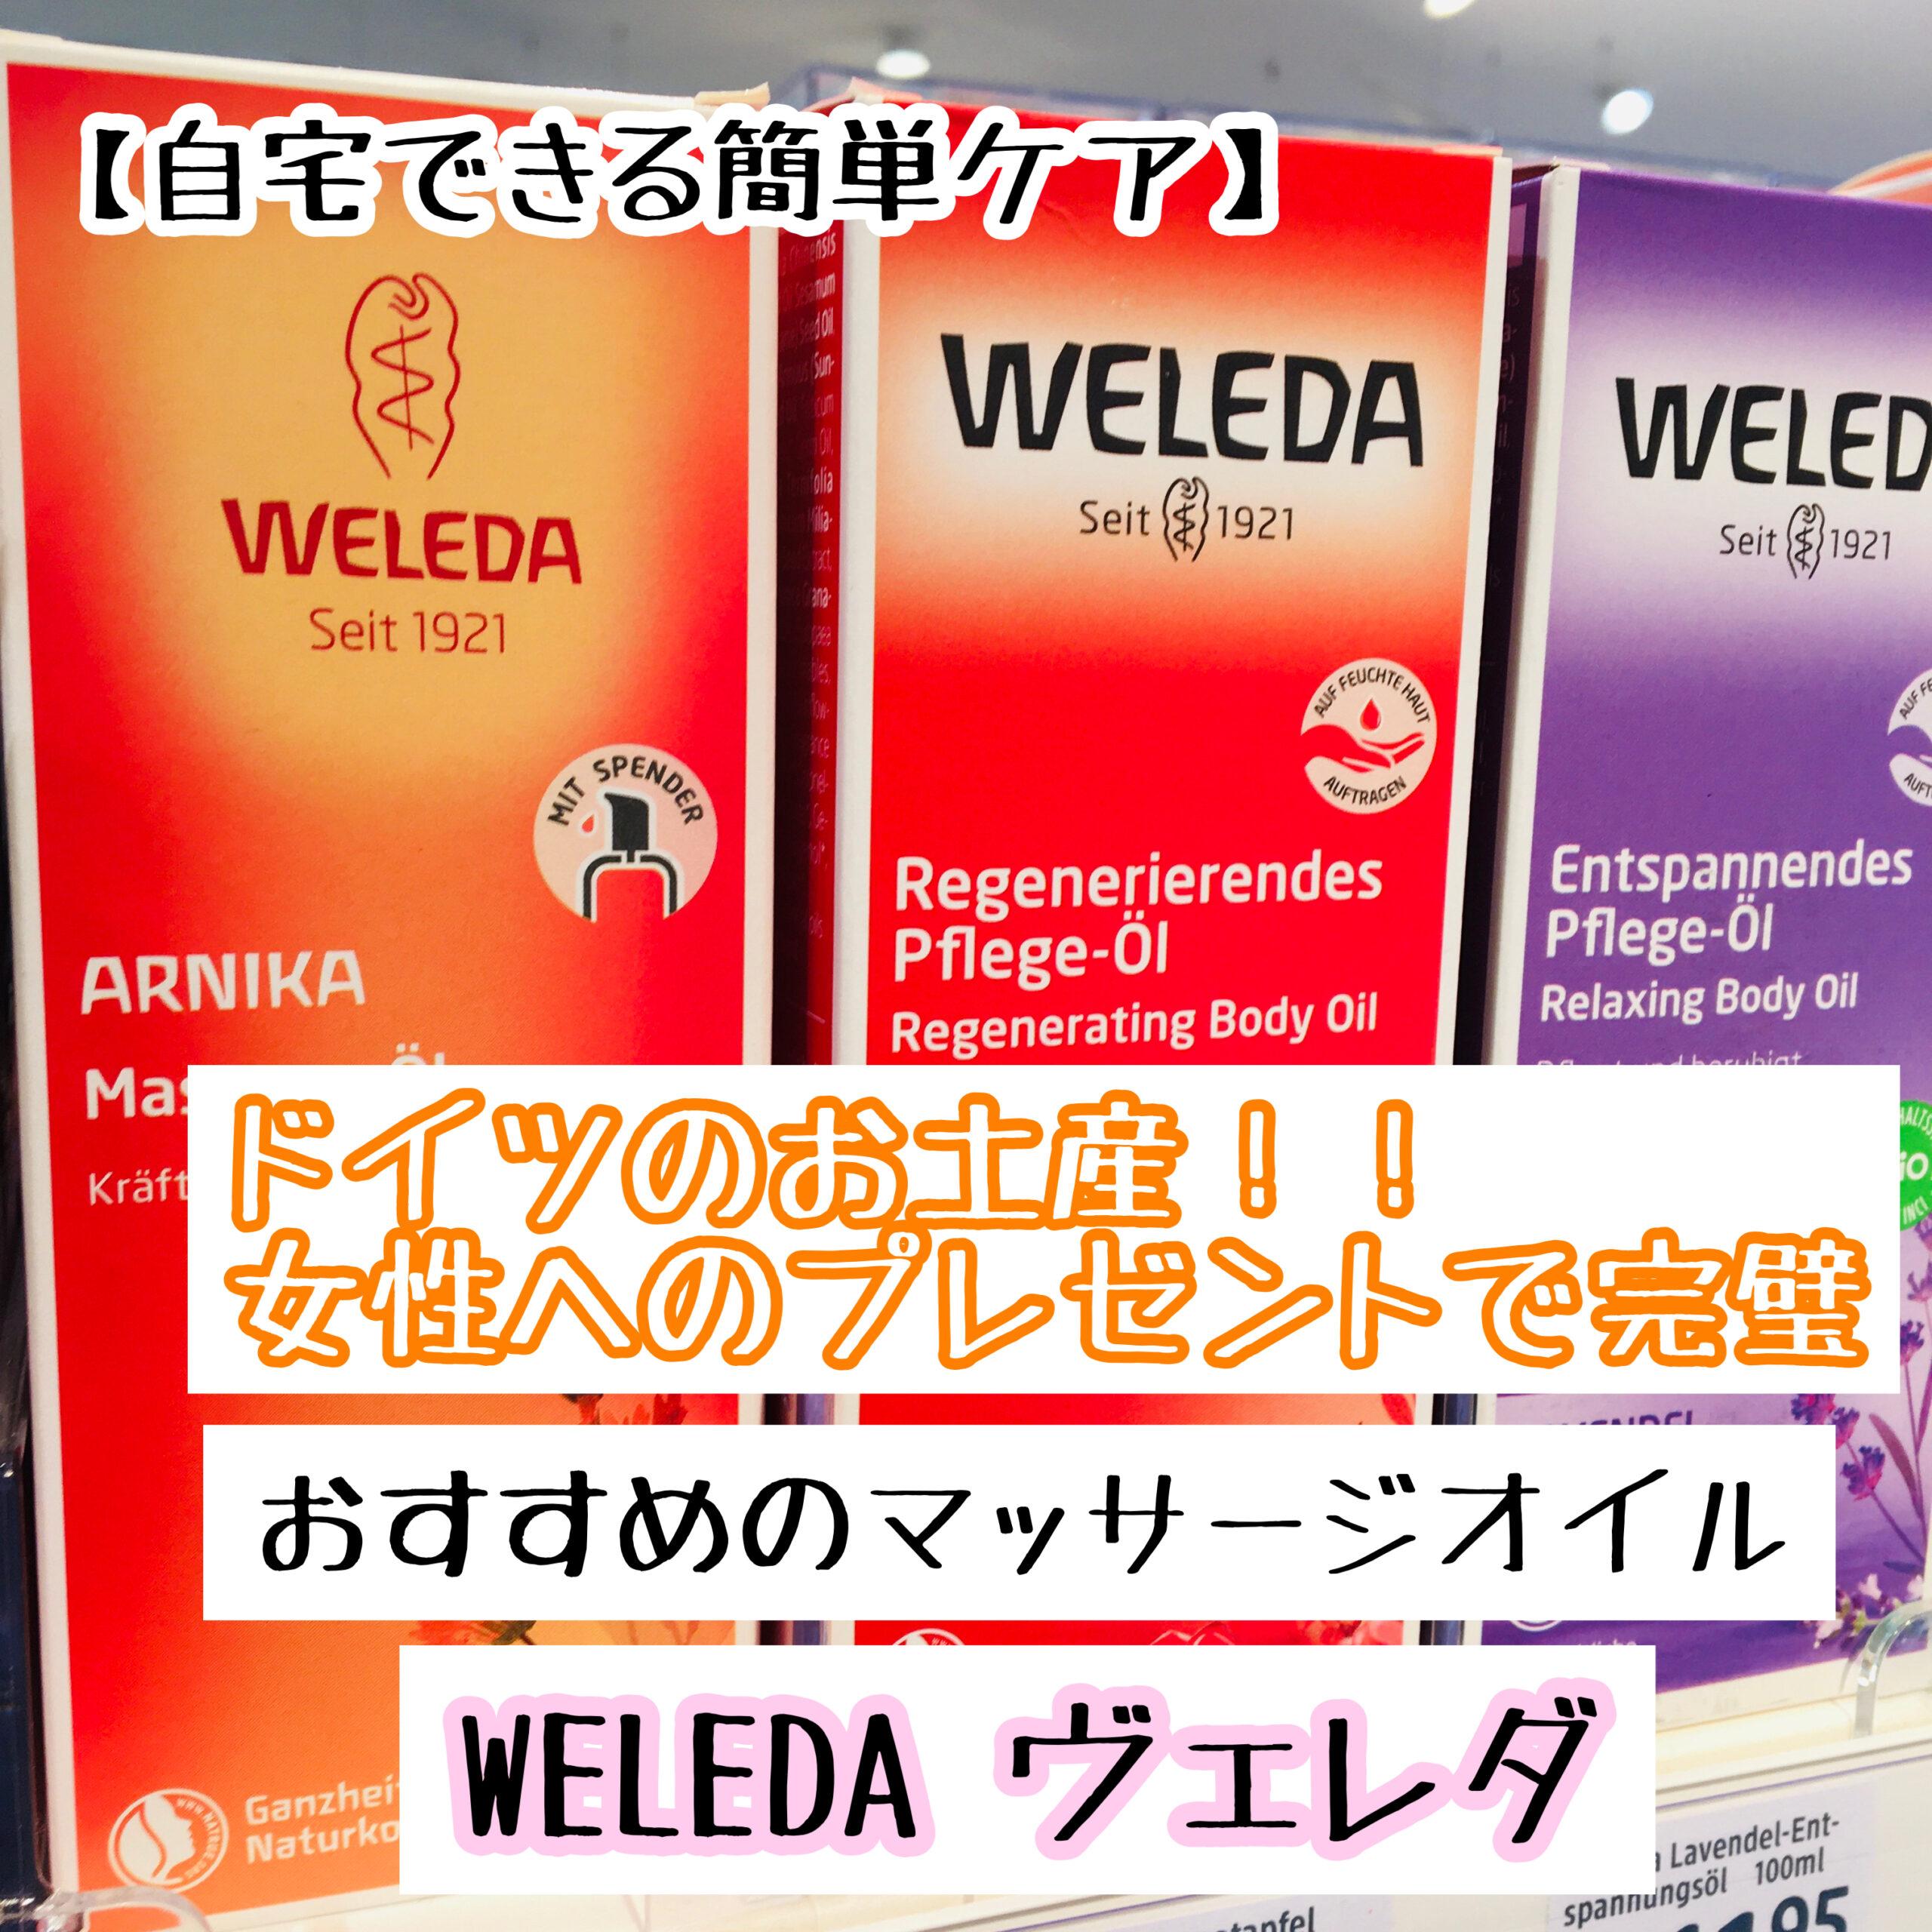 【自宅でできる簡単ケア】 現役時に使っていたおすすめのマッサージオイルWELEDA (ヴェレダ) アルニカ